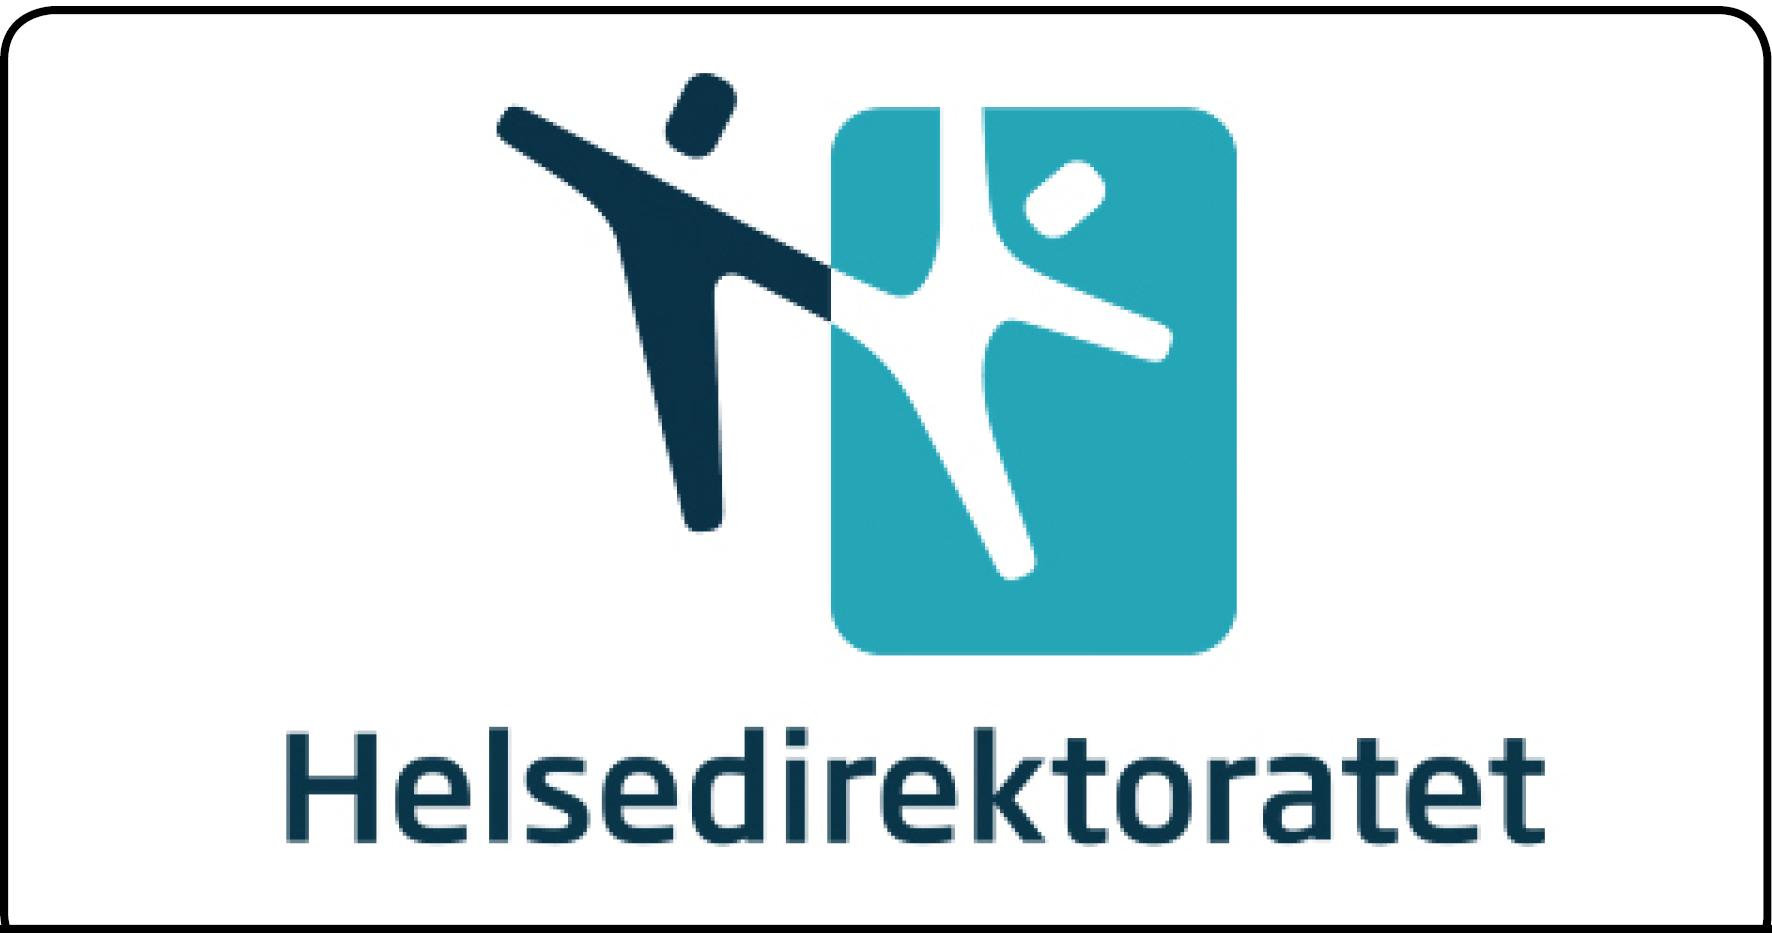 Ny Veileder Fra Helsedirektoratet Tannlegeforeningen